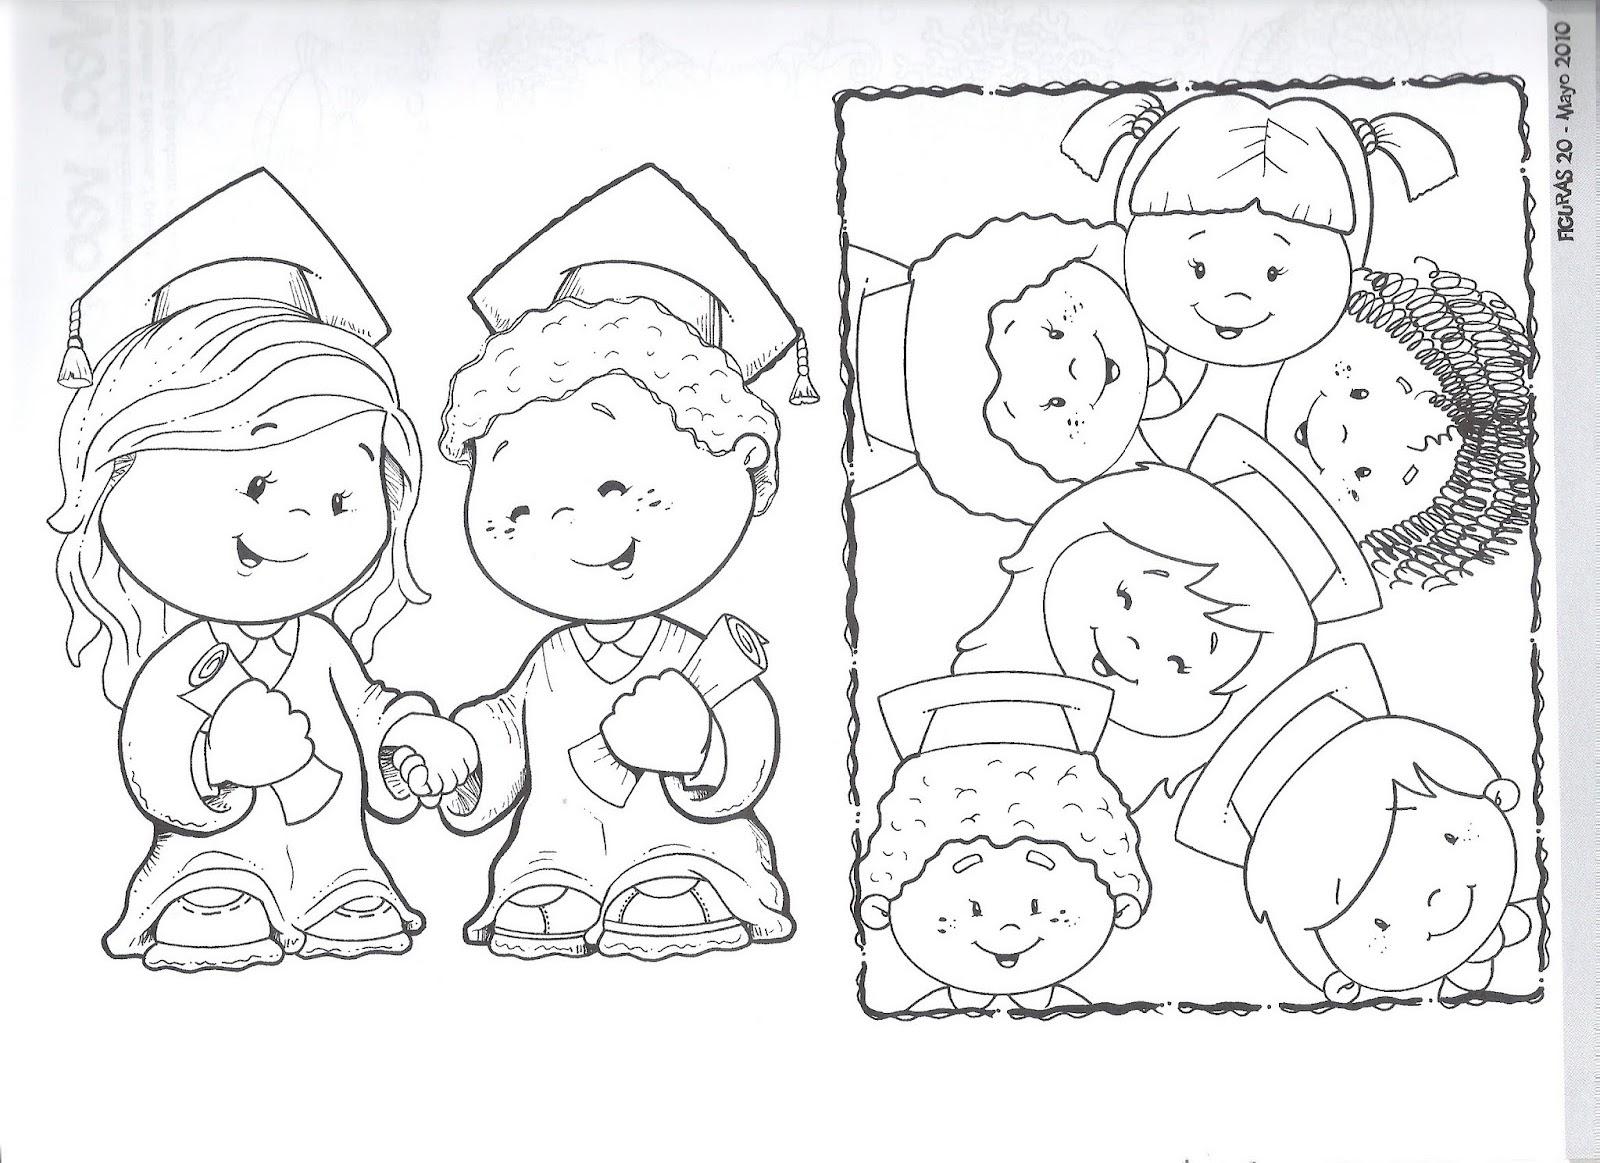 Dibujos para pintar de niños graduados - Imagui